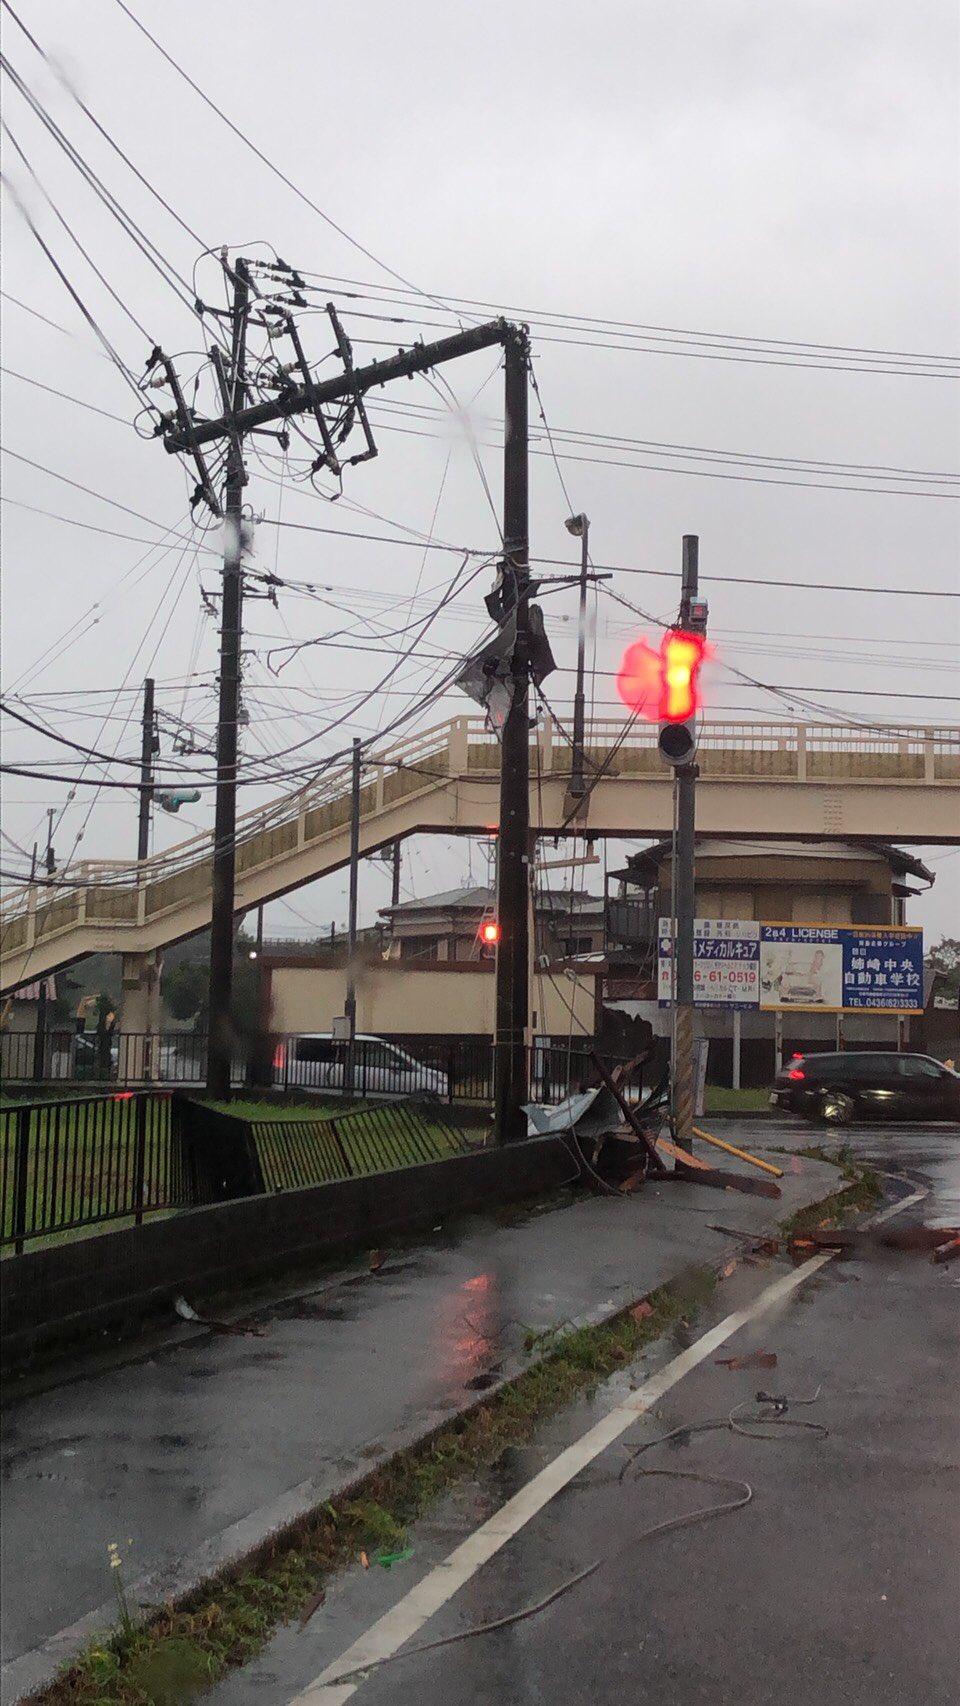 画像,千葉の県道24号 電柱折れてるとテンション高い電話がまたきたw#台風15号 https://t.co/7wGY5j2NR0…